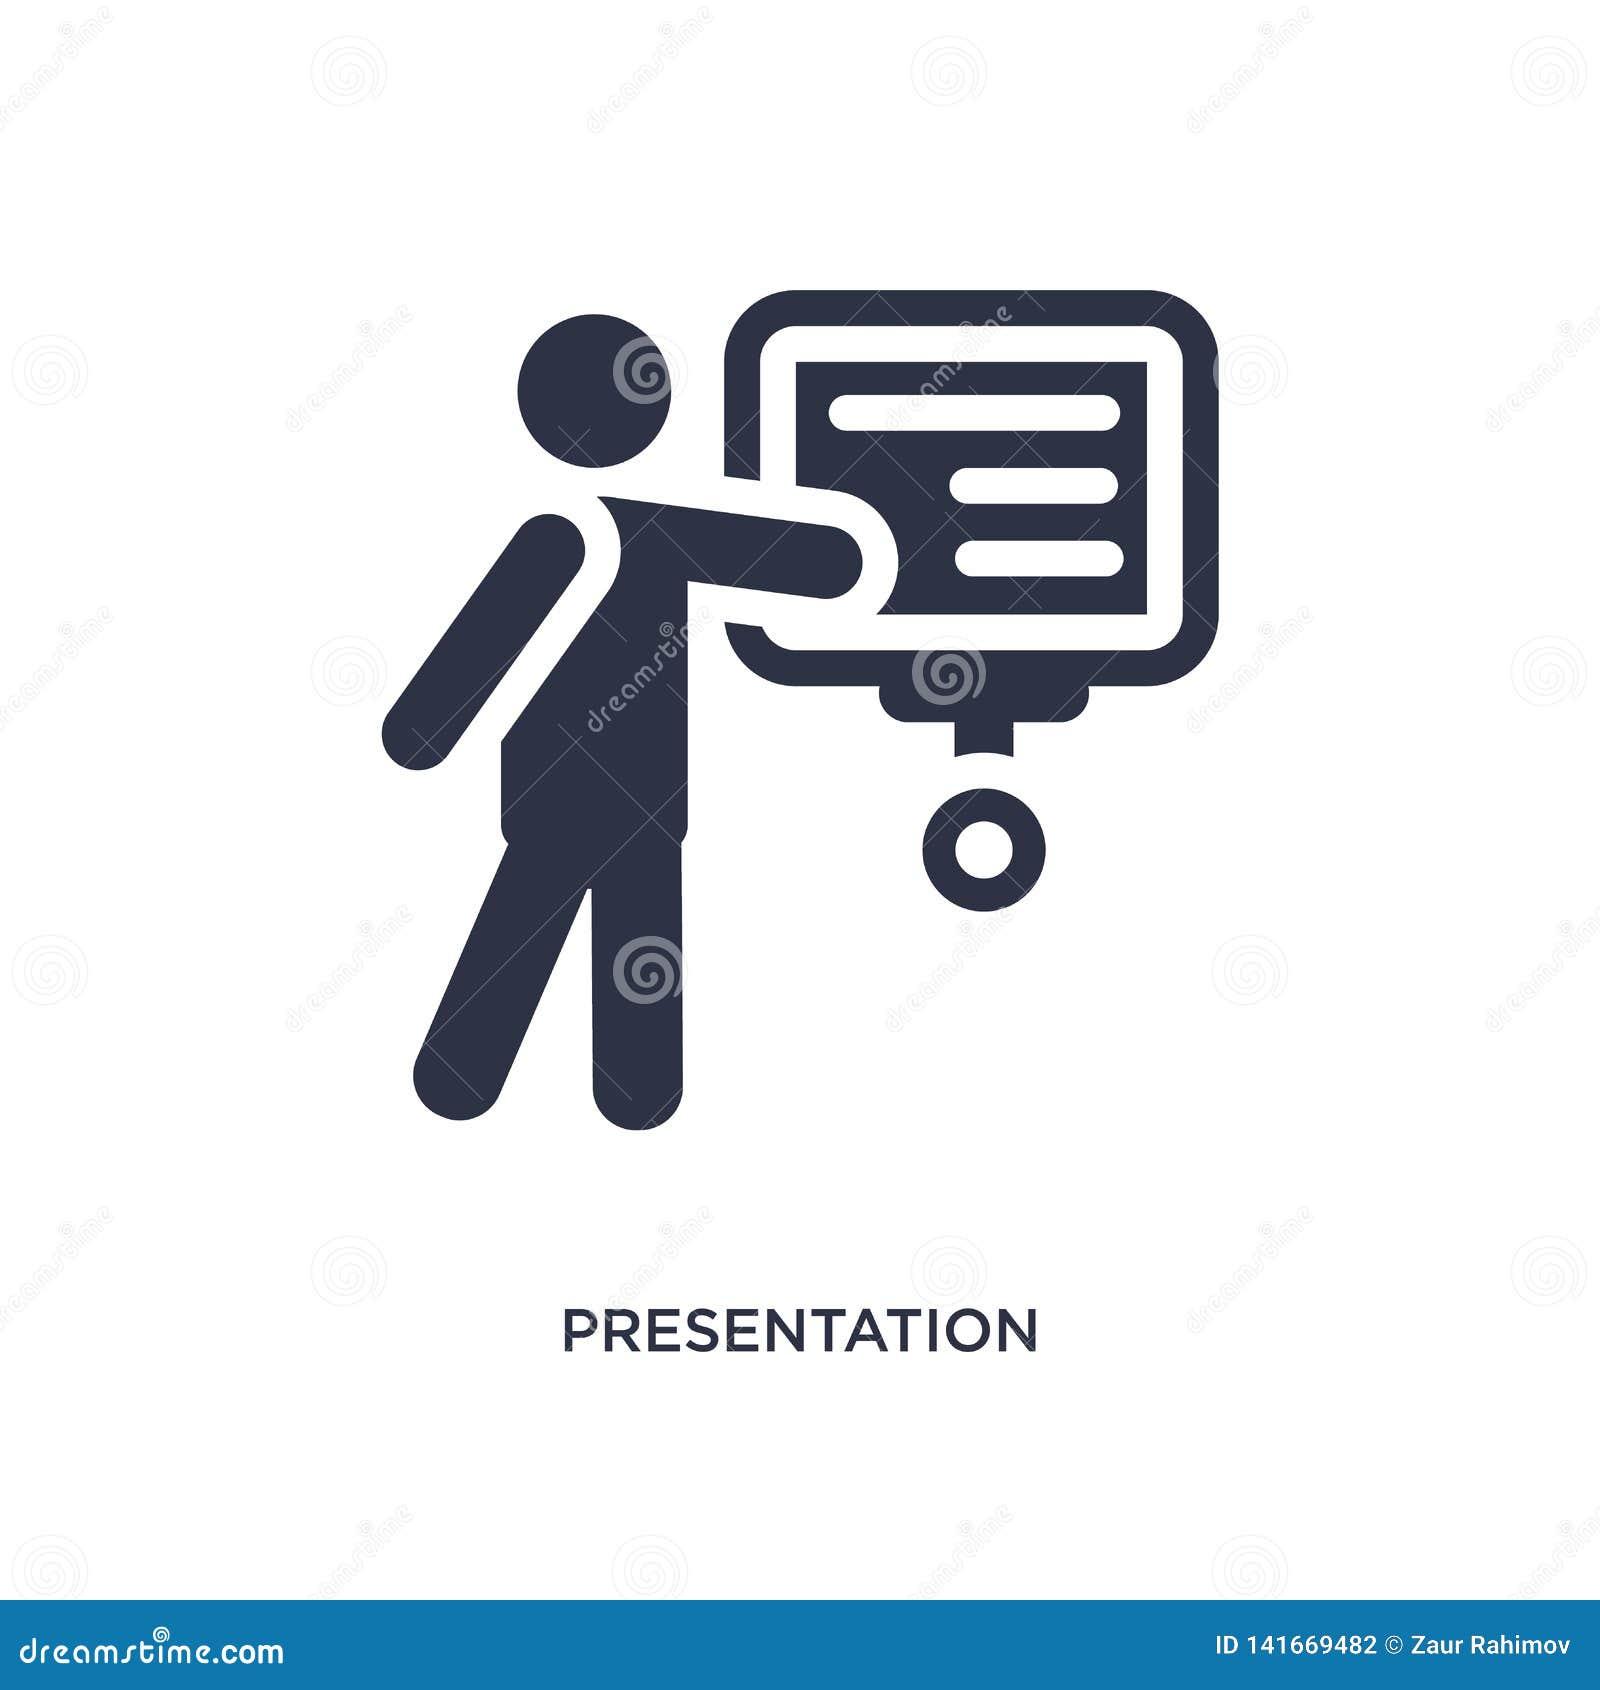 εικονίδιο παρουσίασης whiteboard στο άσπρο υπόβαθρο Απλή απεικόνιση στοιχείων από την έννοια συμπεριφοράς